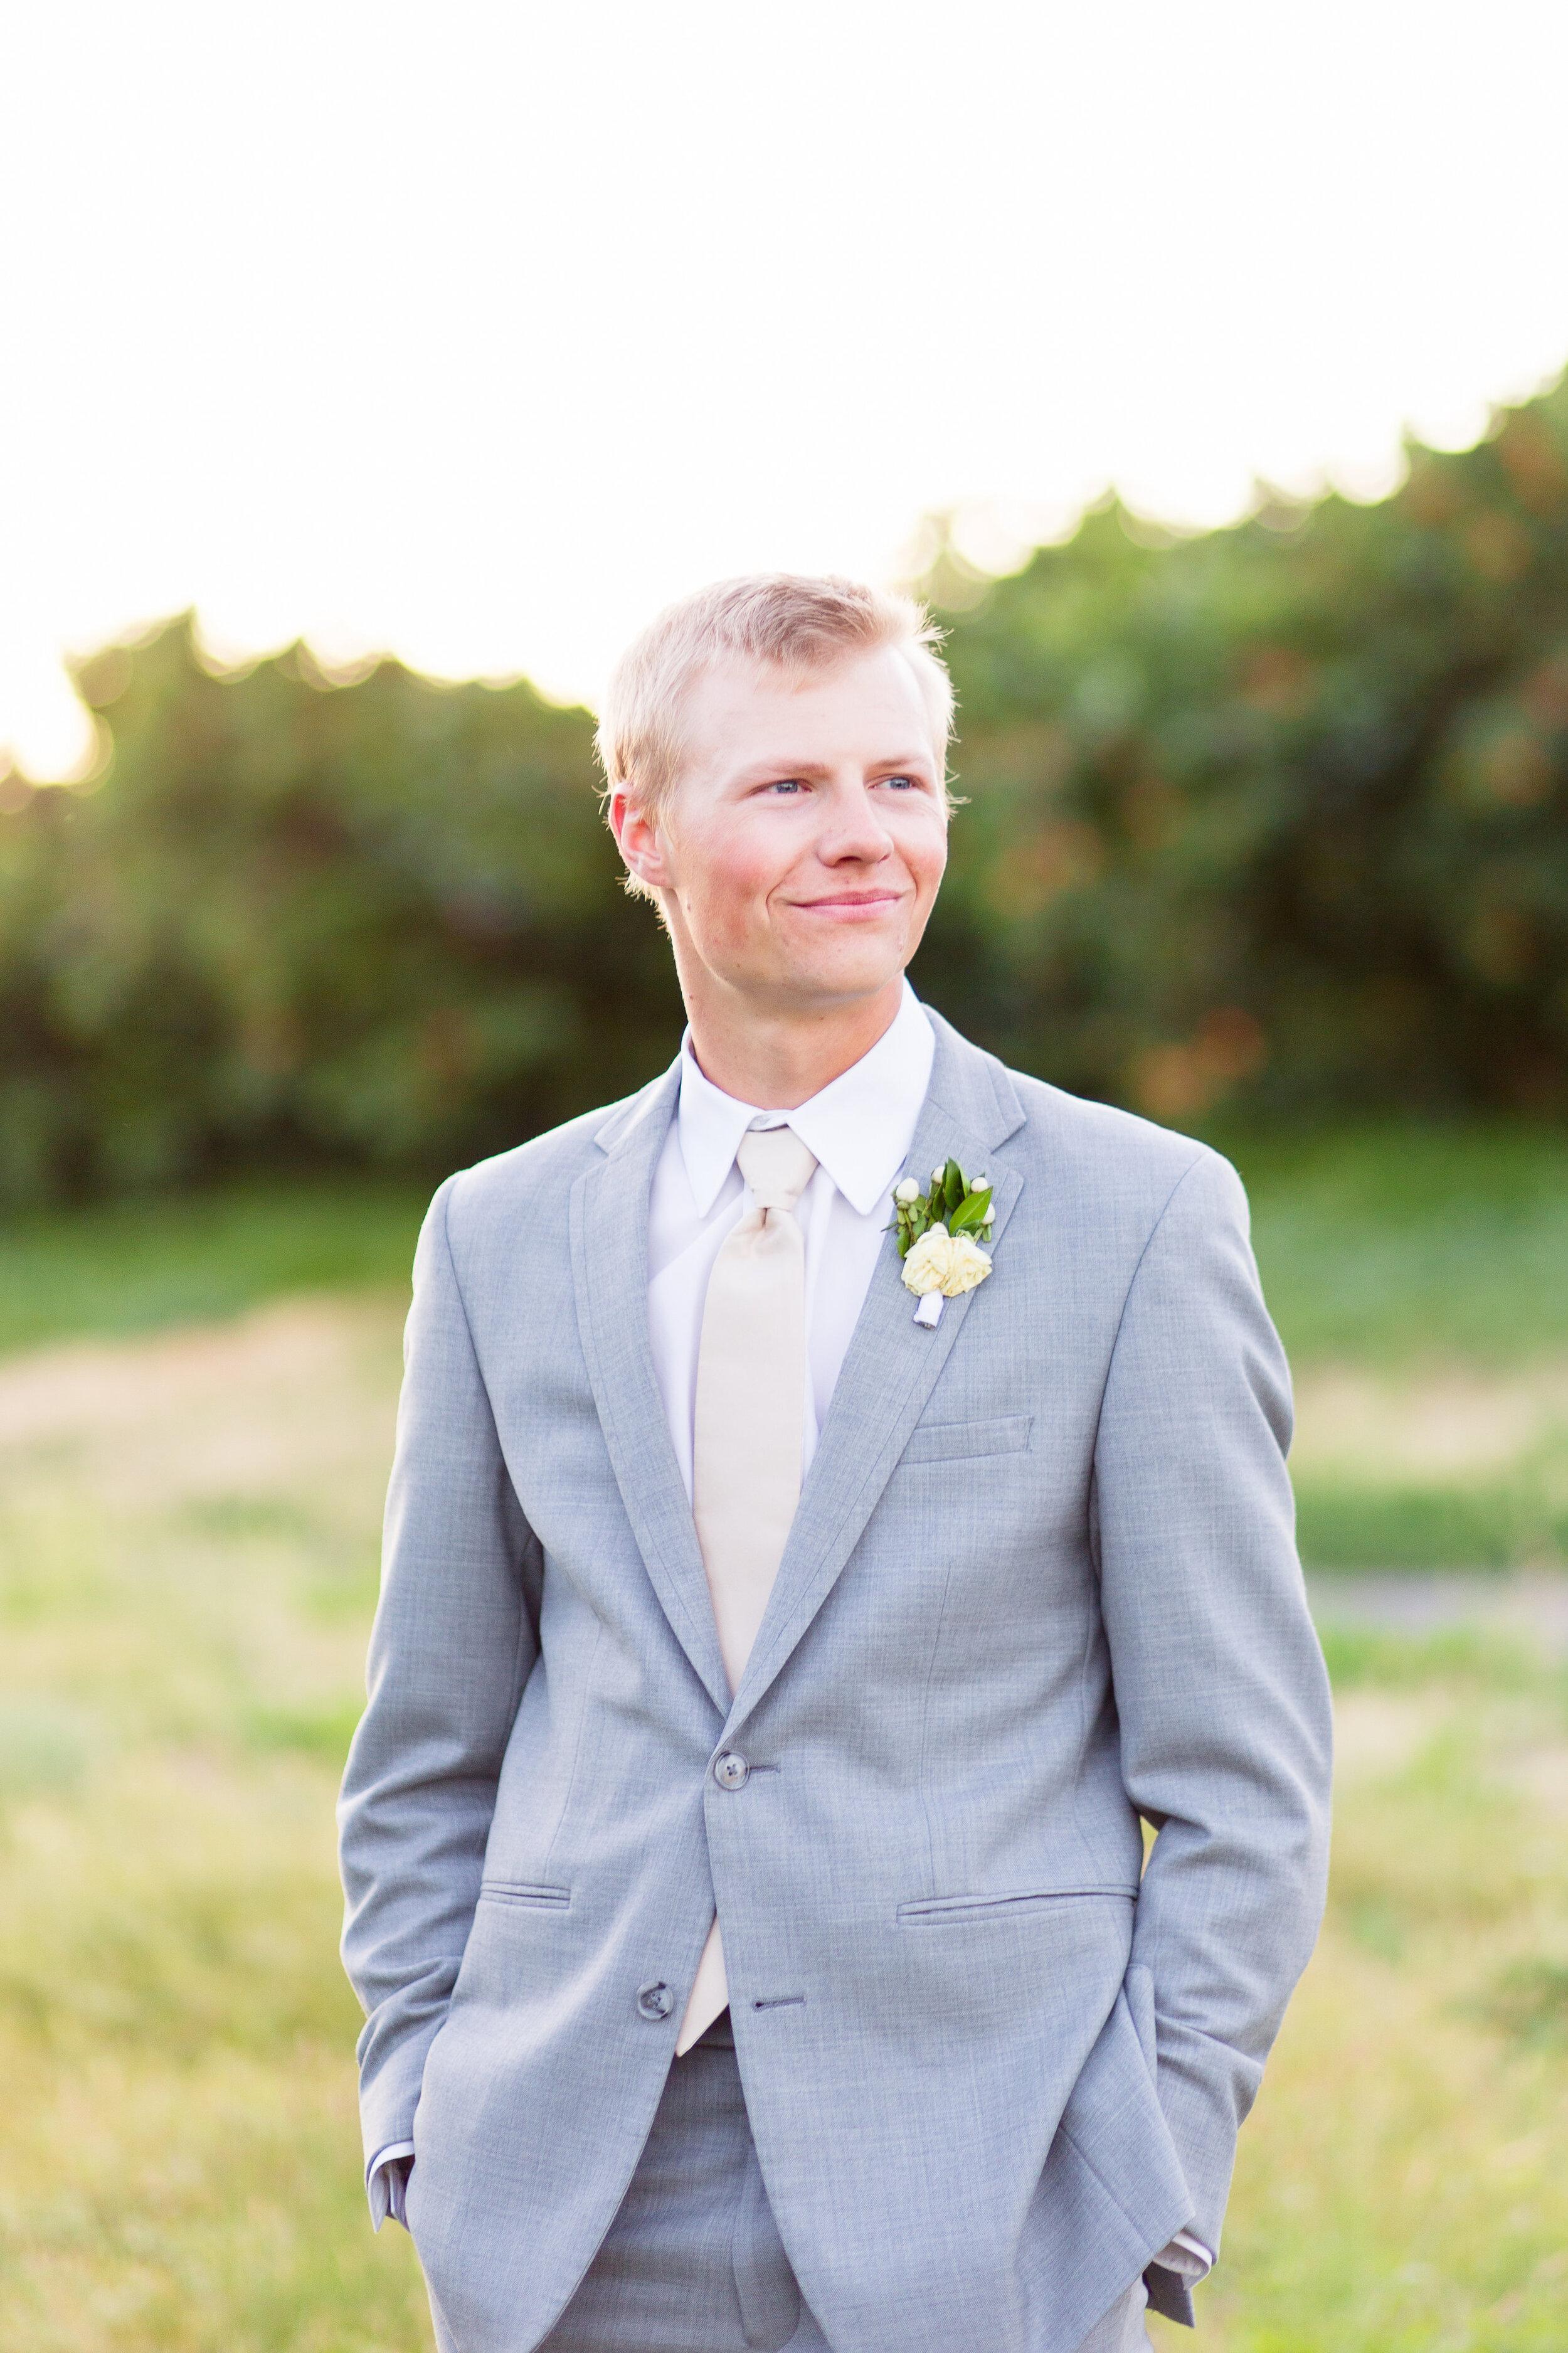 spokane groom grey suit wedding